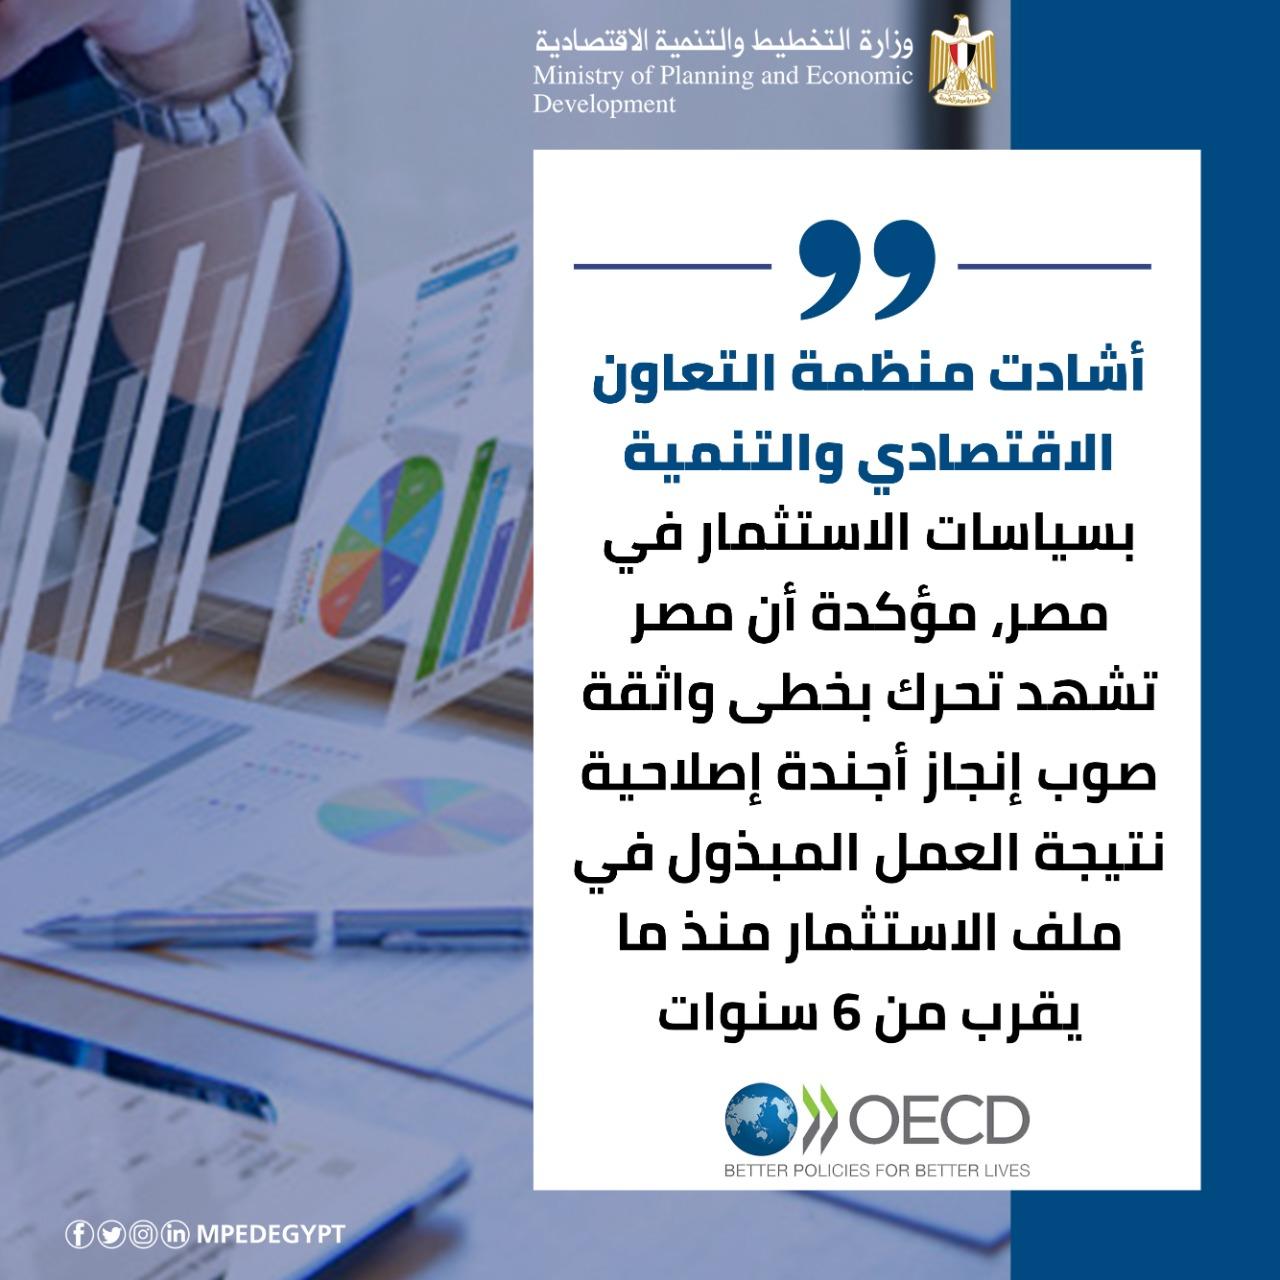 إشادت منظمة التعاون الاقتصادي والتنمية